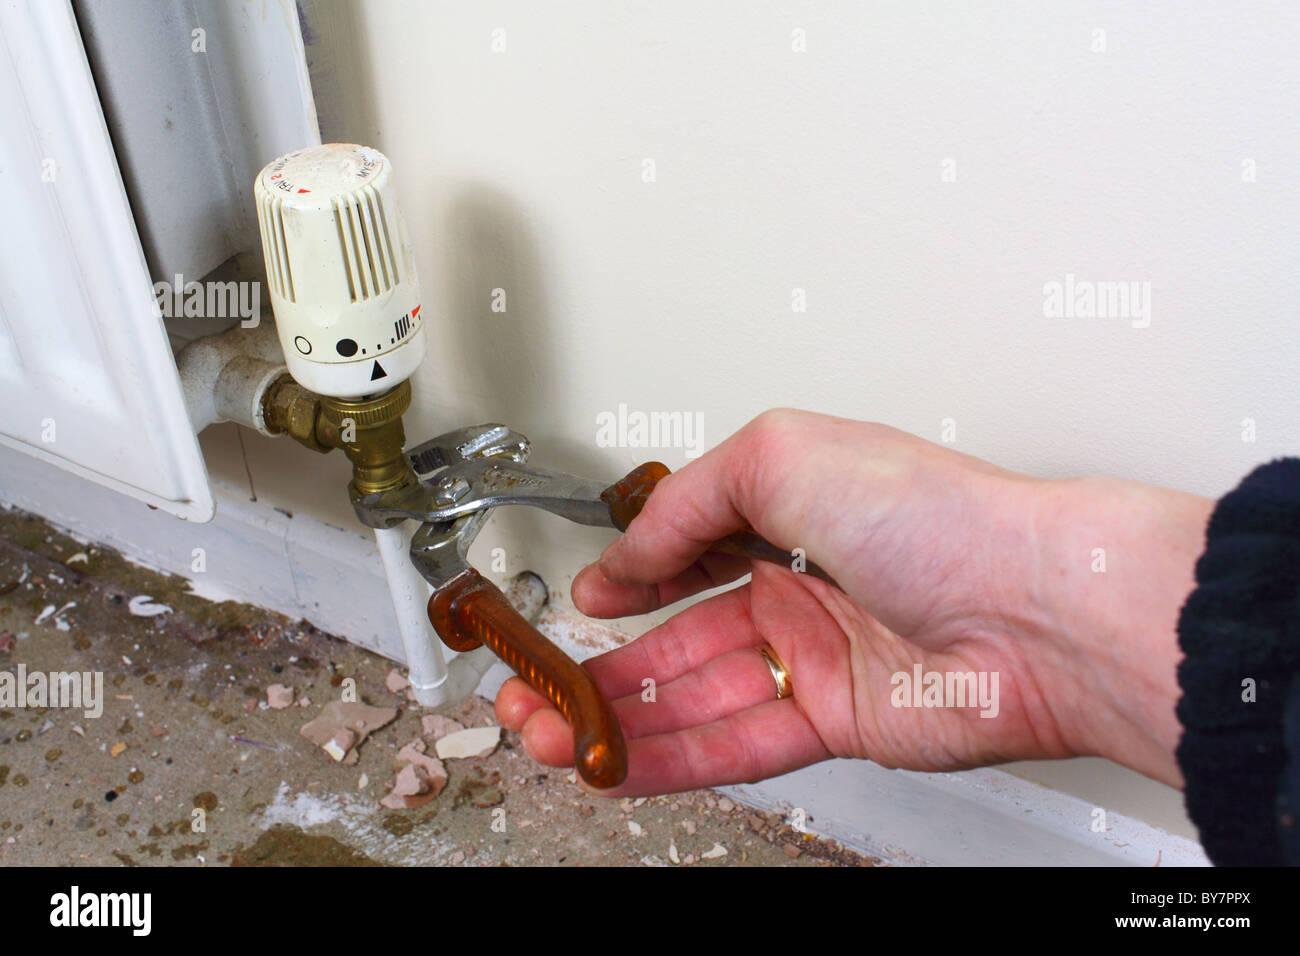 DIY plumber repairing a leaky radiator pipe, UK - Stock Image